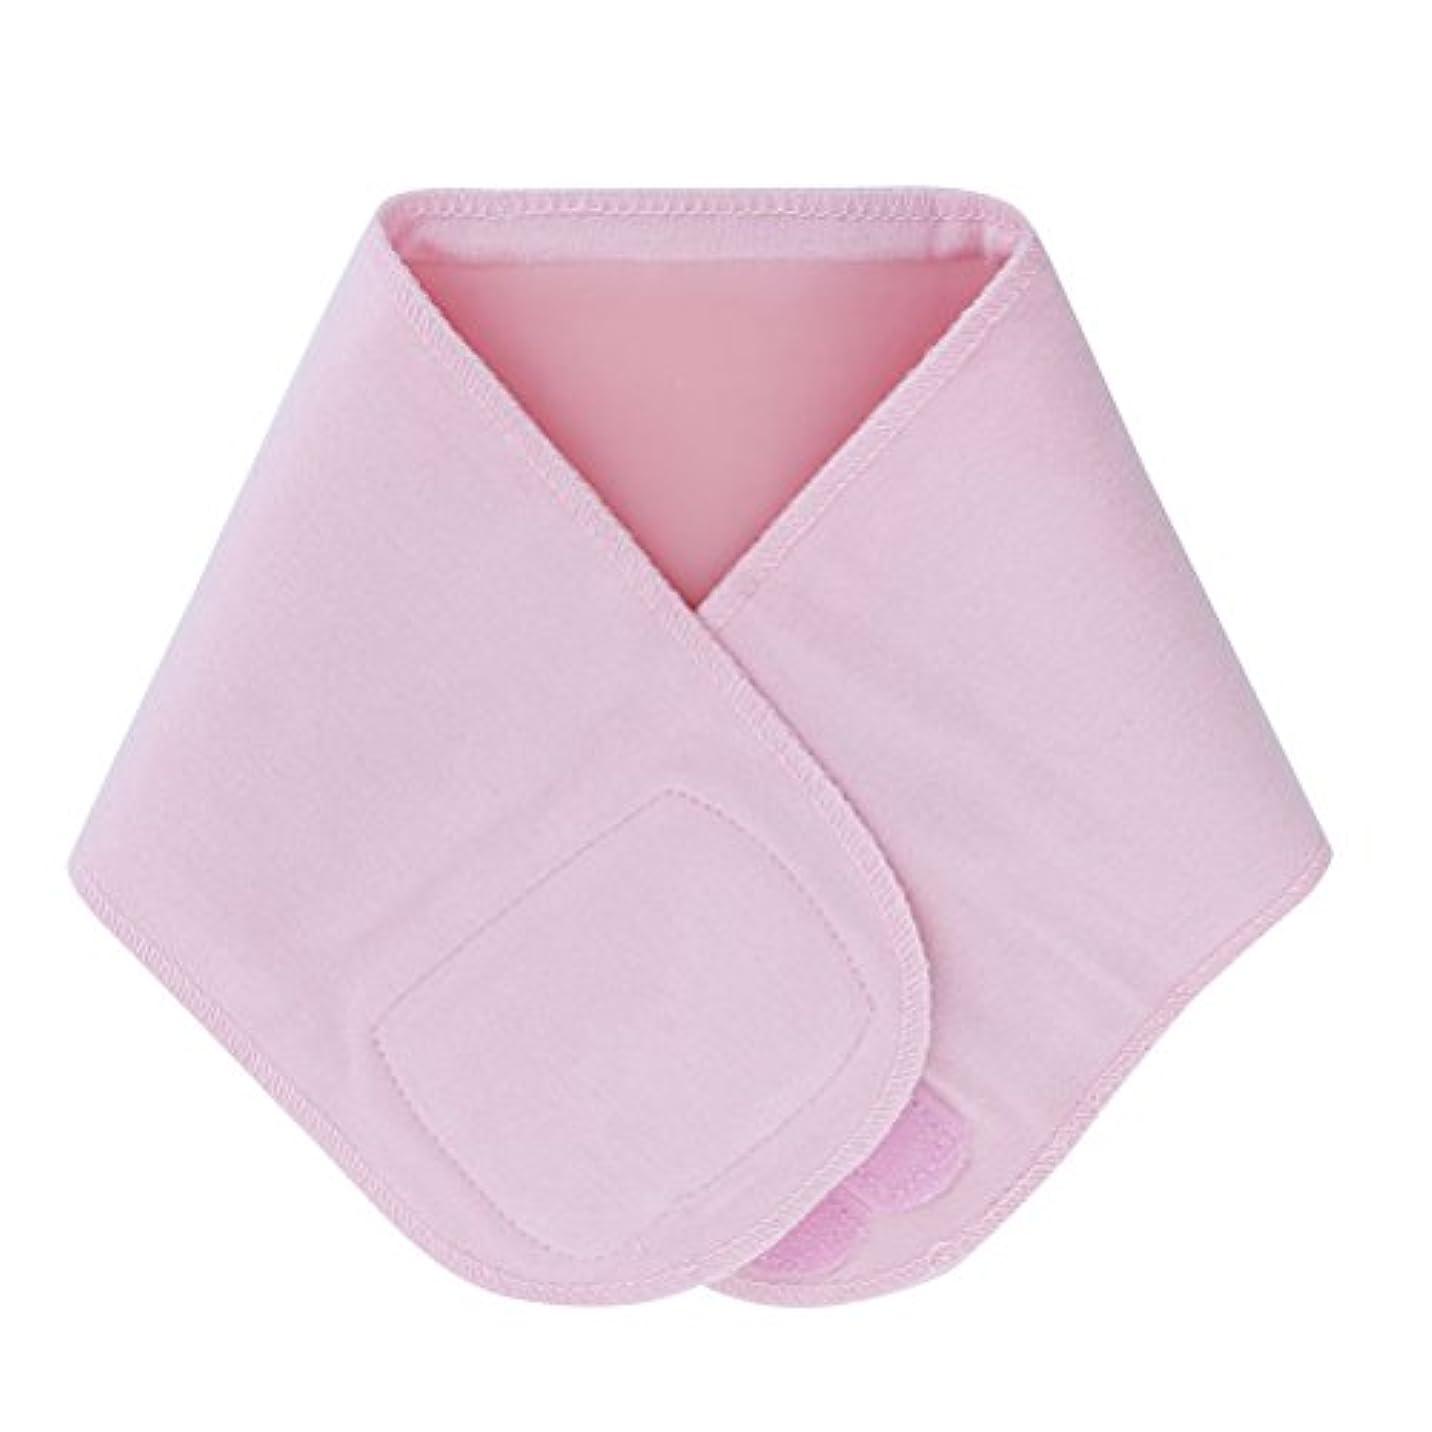 暖かさかび臭い巨大Healifty 首 サポーター 首パック 補水 保湿 ゲルパック 角質対策 ムチ打ち 首こり 解消 着脱 簡単(ピンク)